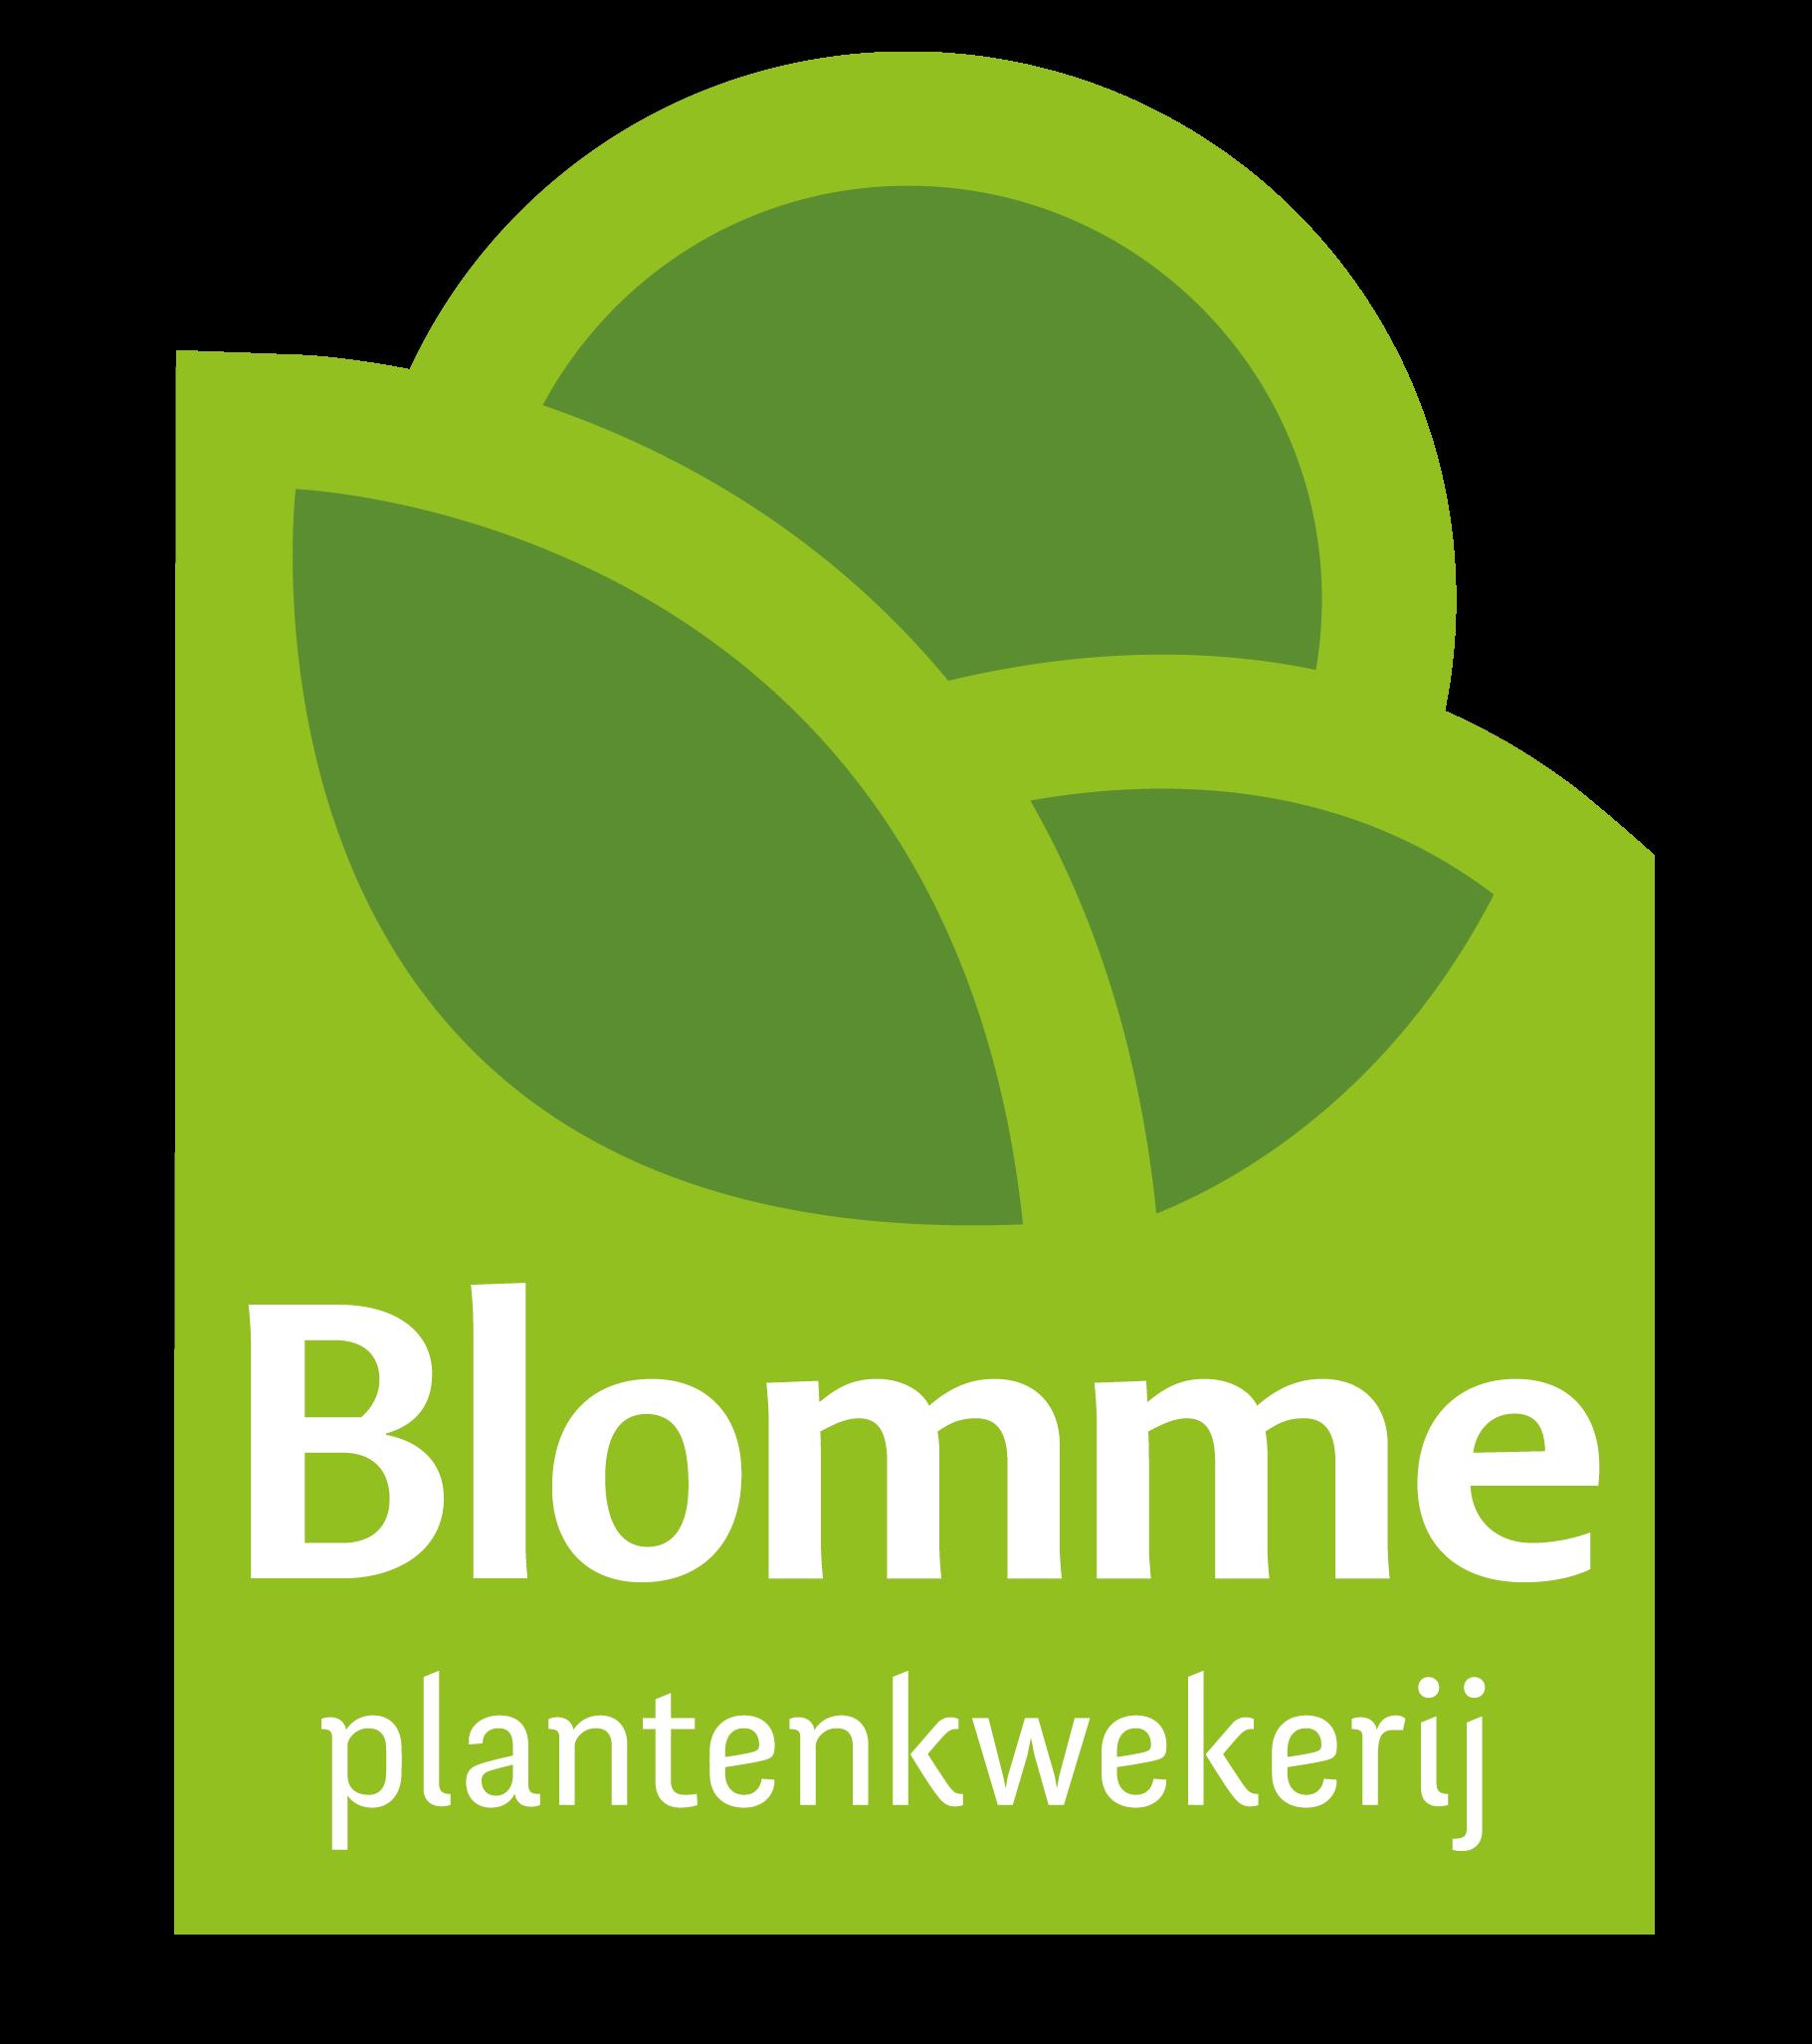 Plantenkwekerij Blomme